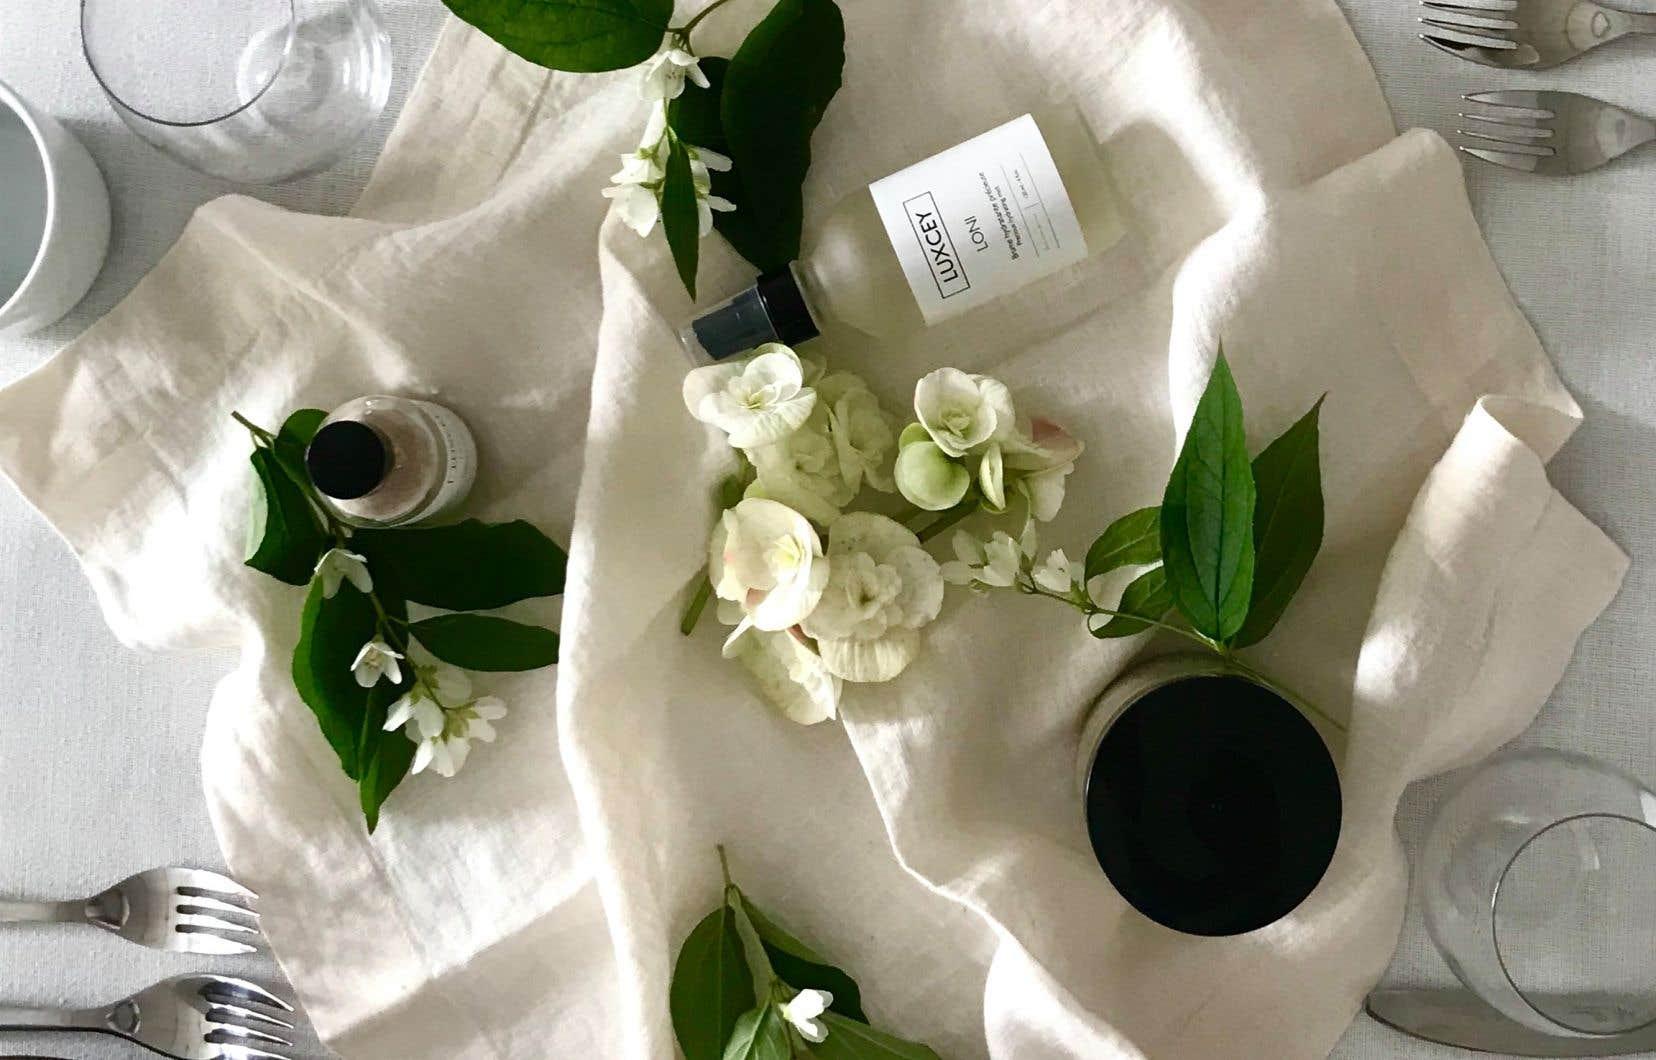 Certains fabricants vont même intégrer les ingrédients de leurs cosmétiques dans les plats servis à leur centre de bien-être.